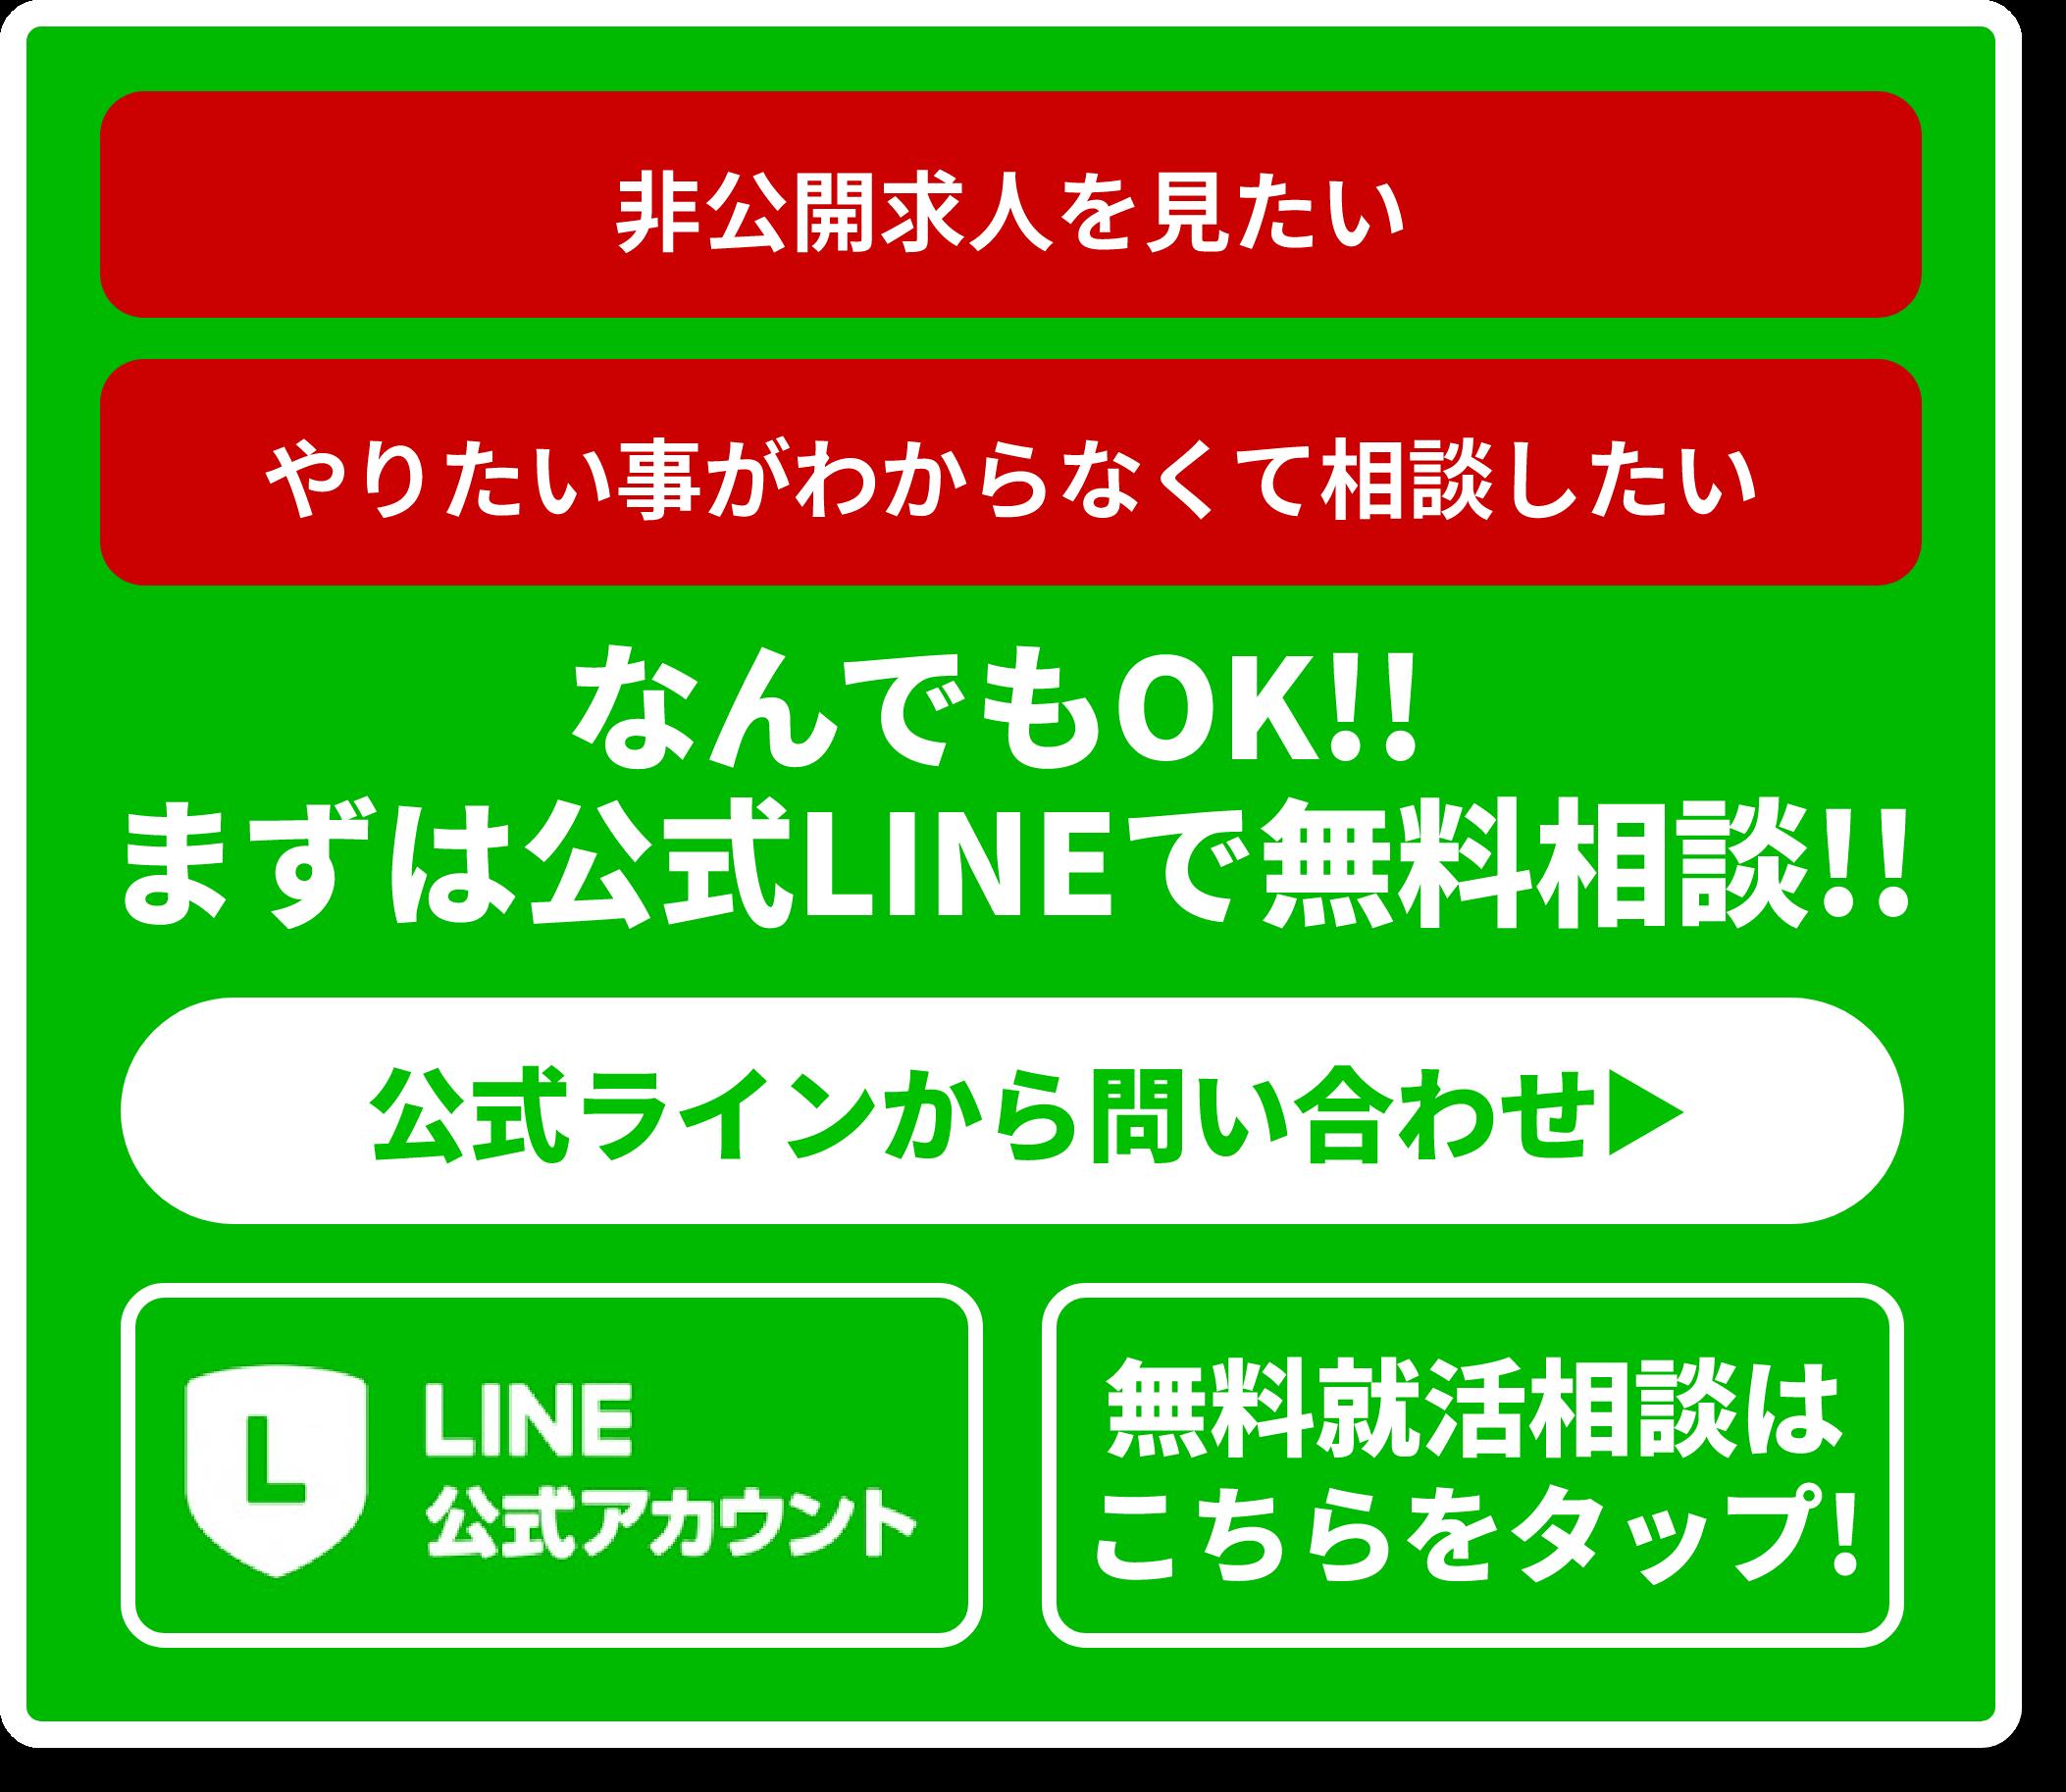 非公開求人を見たい やりたい事がわからなくて相談したい なんでもOK!! まずは公式LINEで無料相談!! 公式ラインから問い合わせ▶︎ LINE公式アカウント 無料就活相談はこちらをクリック!